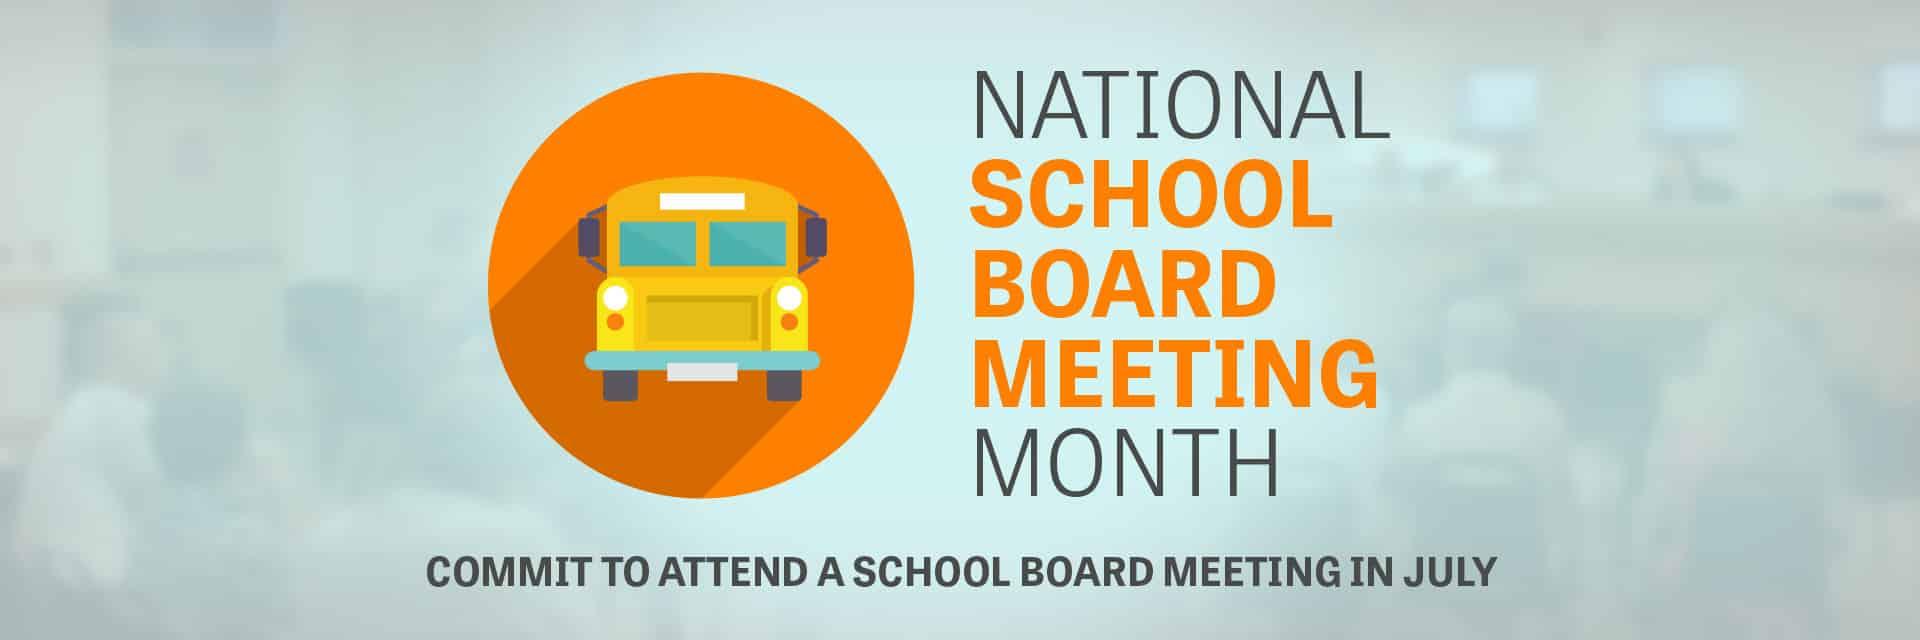 Attend-Schools-Slider